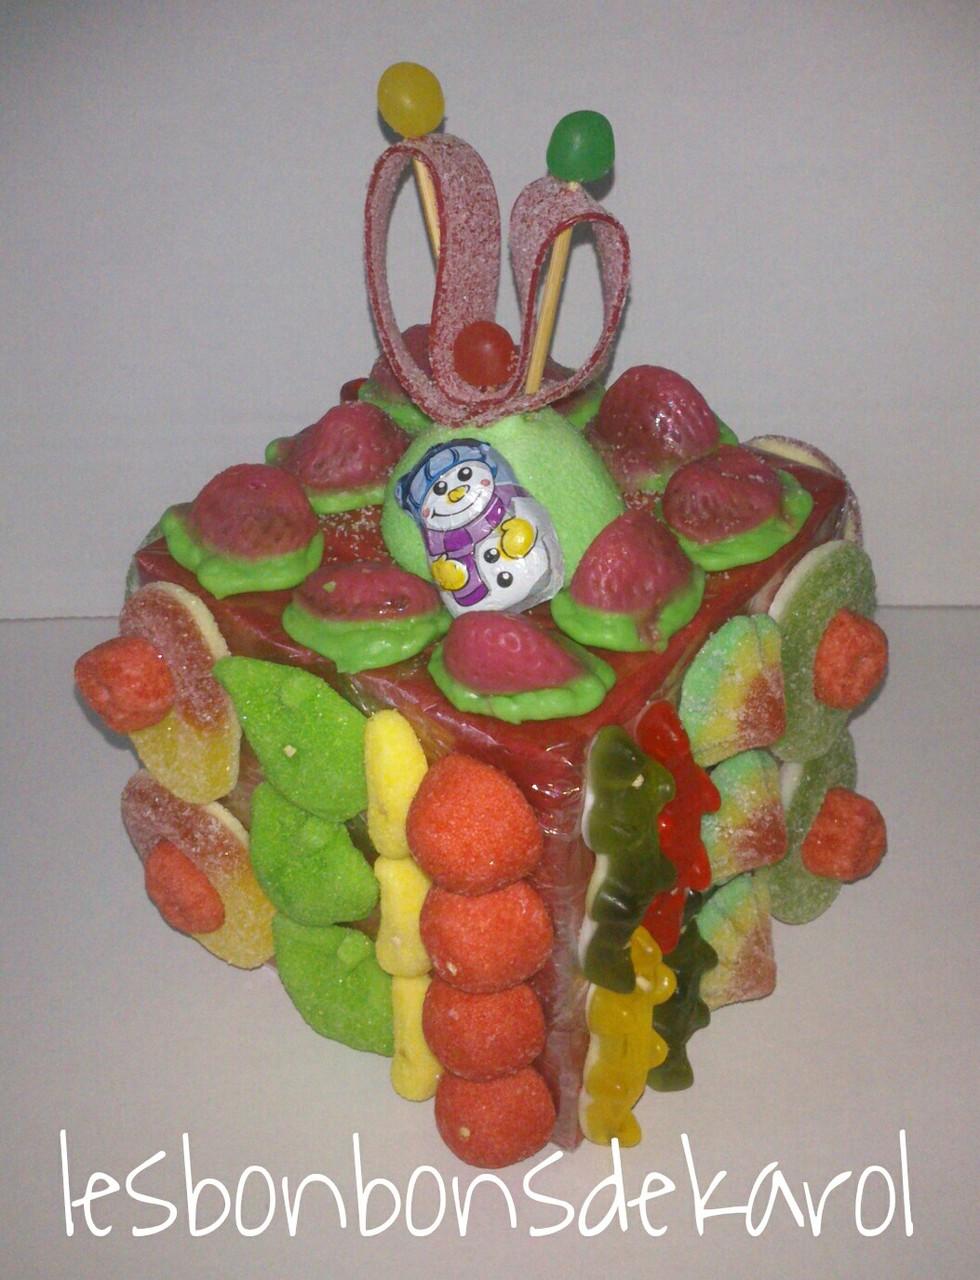 CADEAU  17,50 € (360 gr et 65 bonbons - ht 19 larg 13 cm)